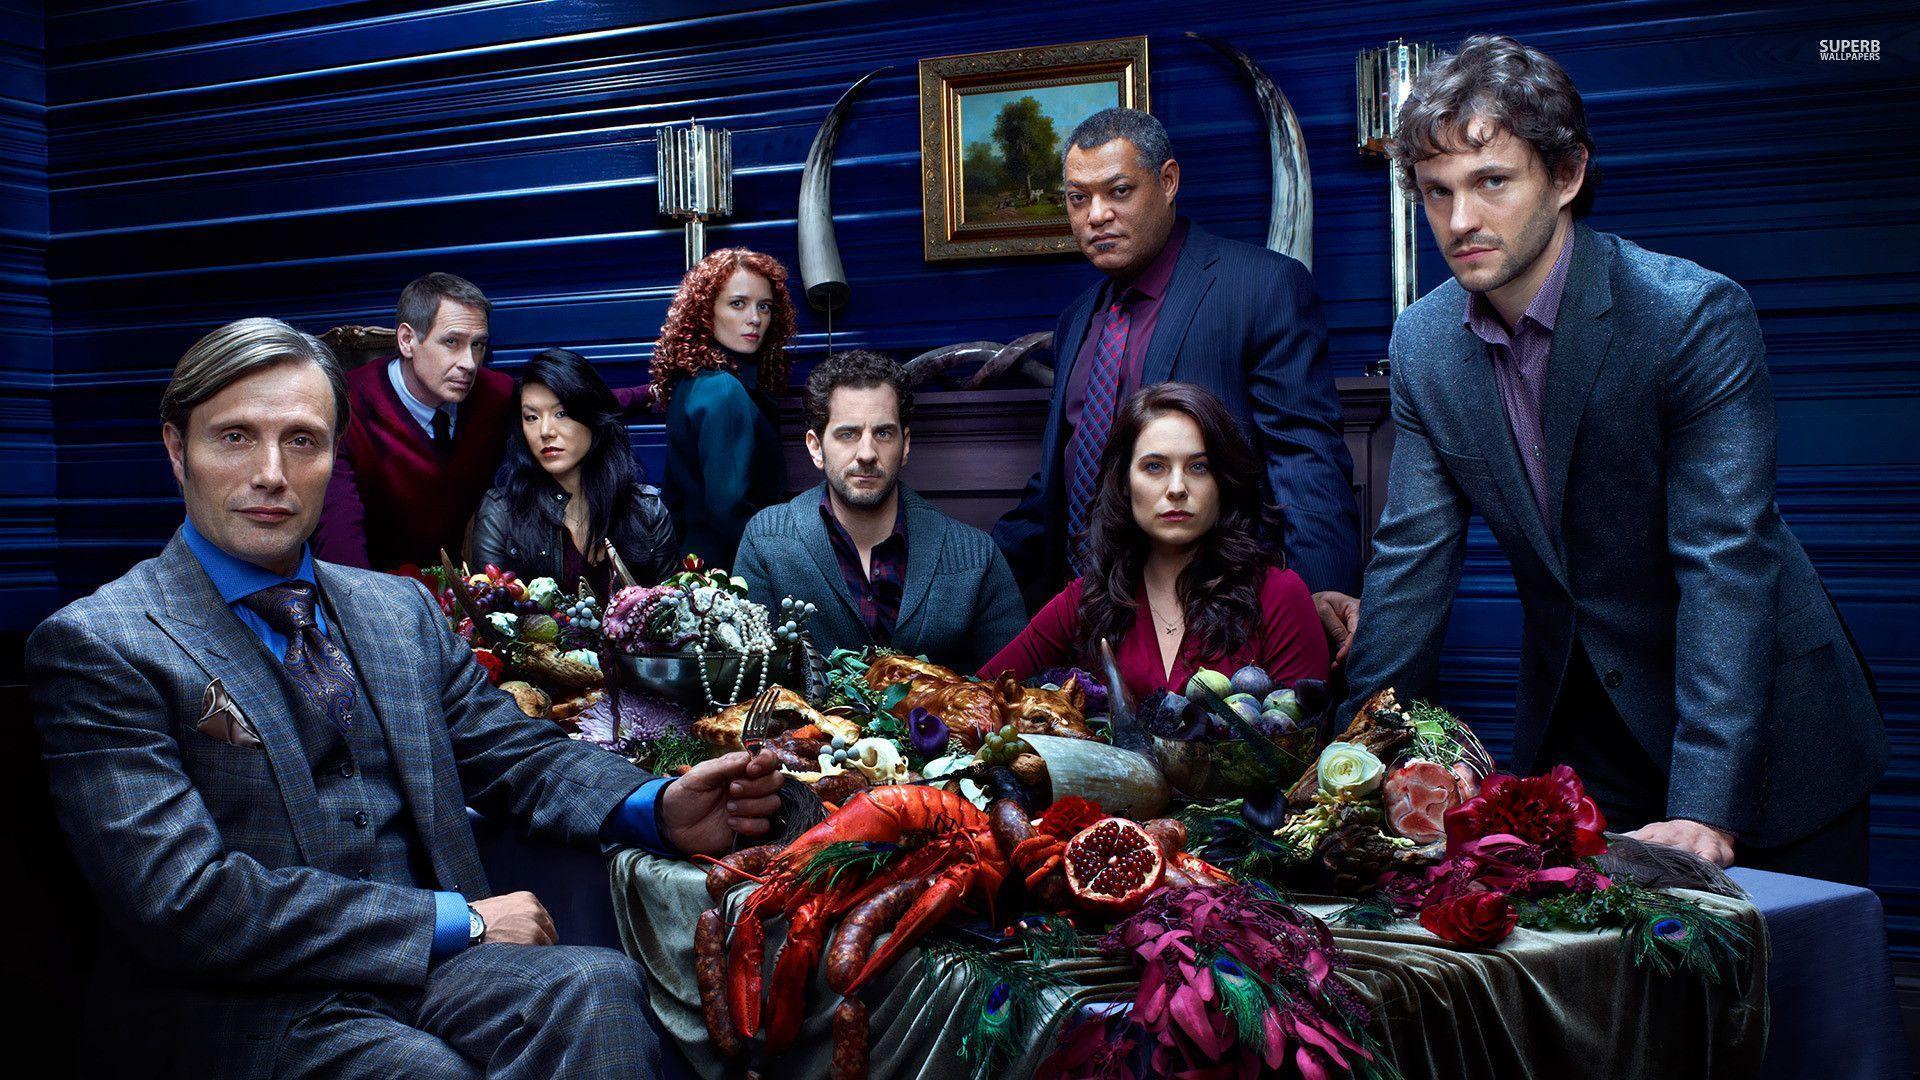 Hannibal Series Cast Wallpaper